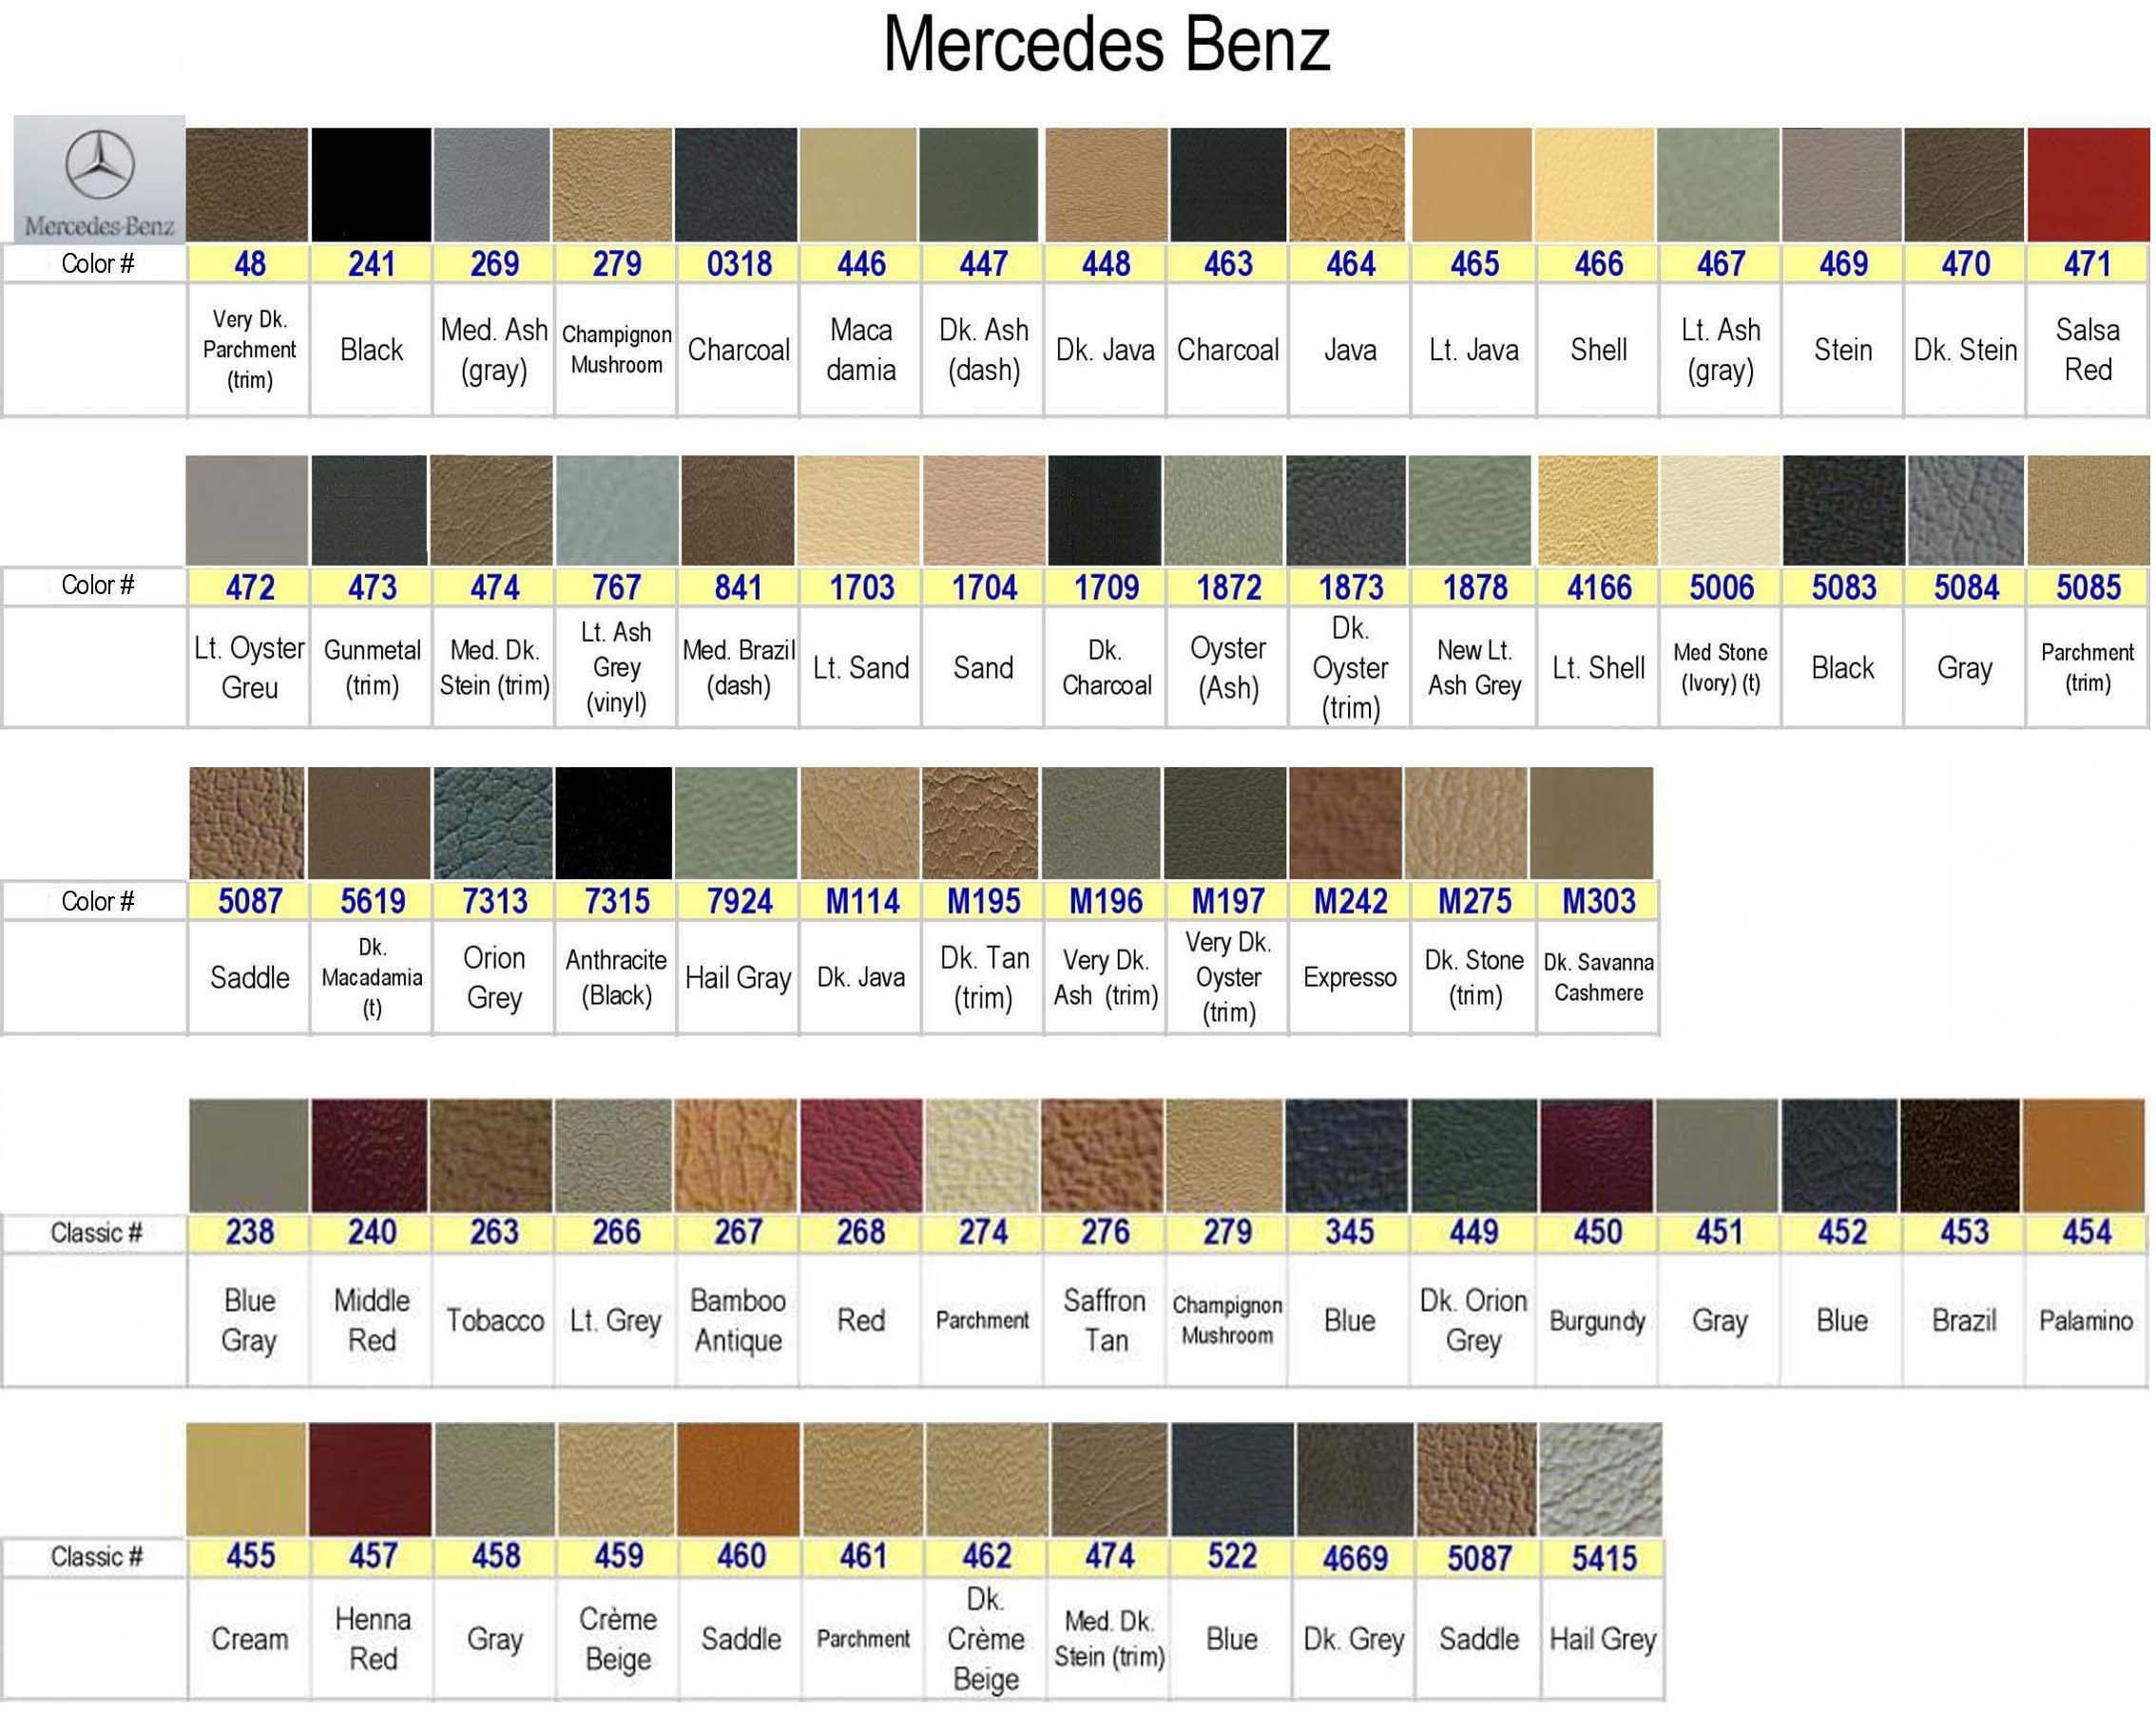 leatherrenew Mercedees